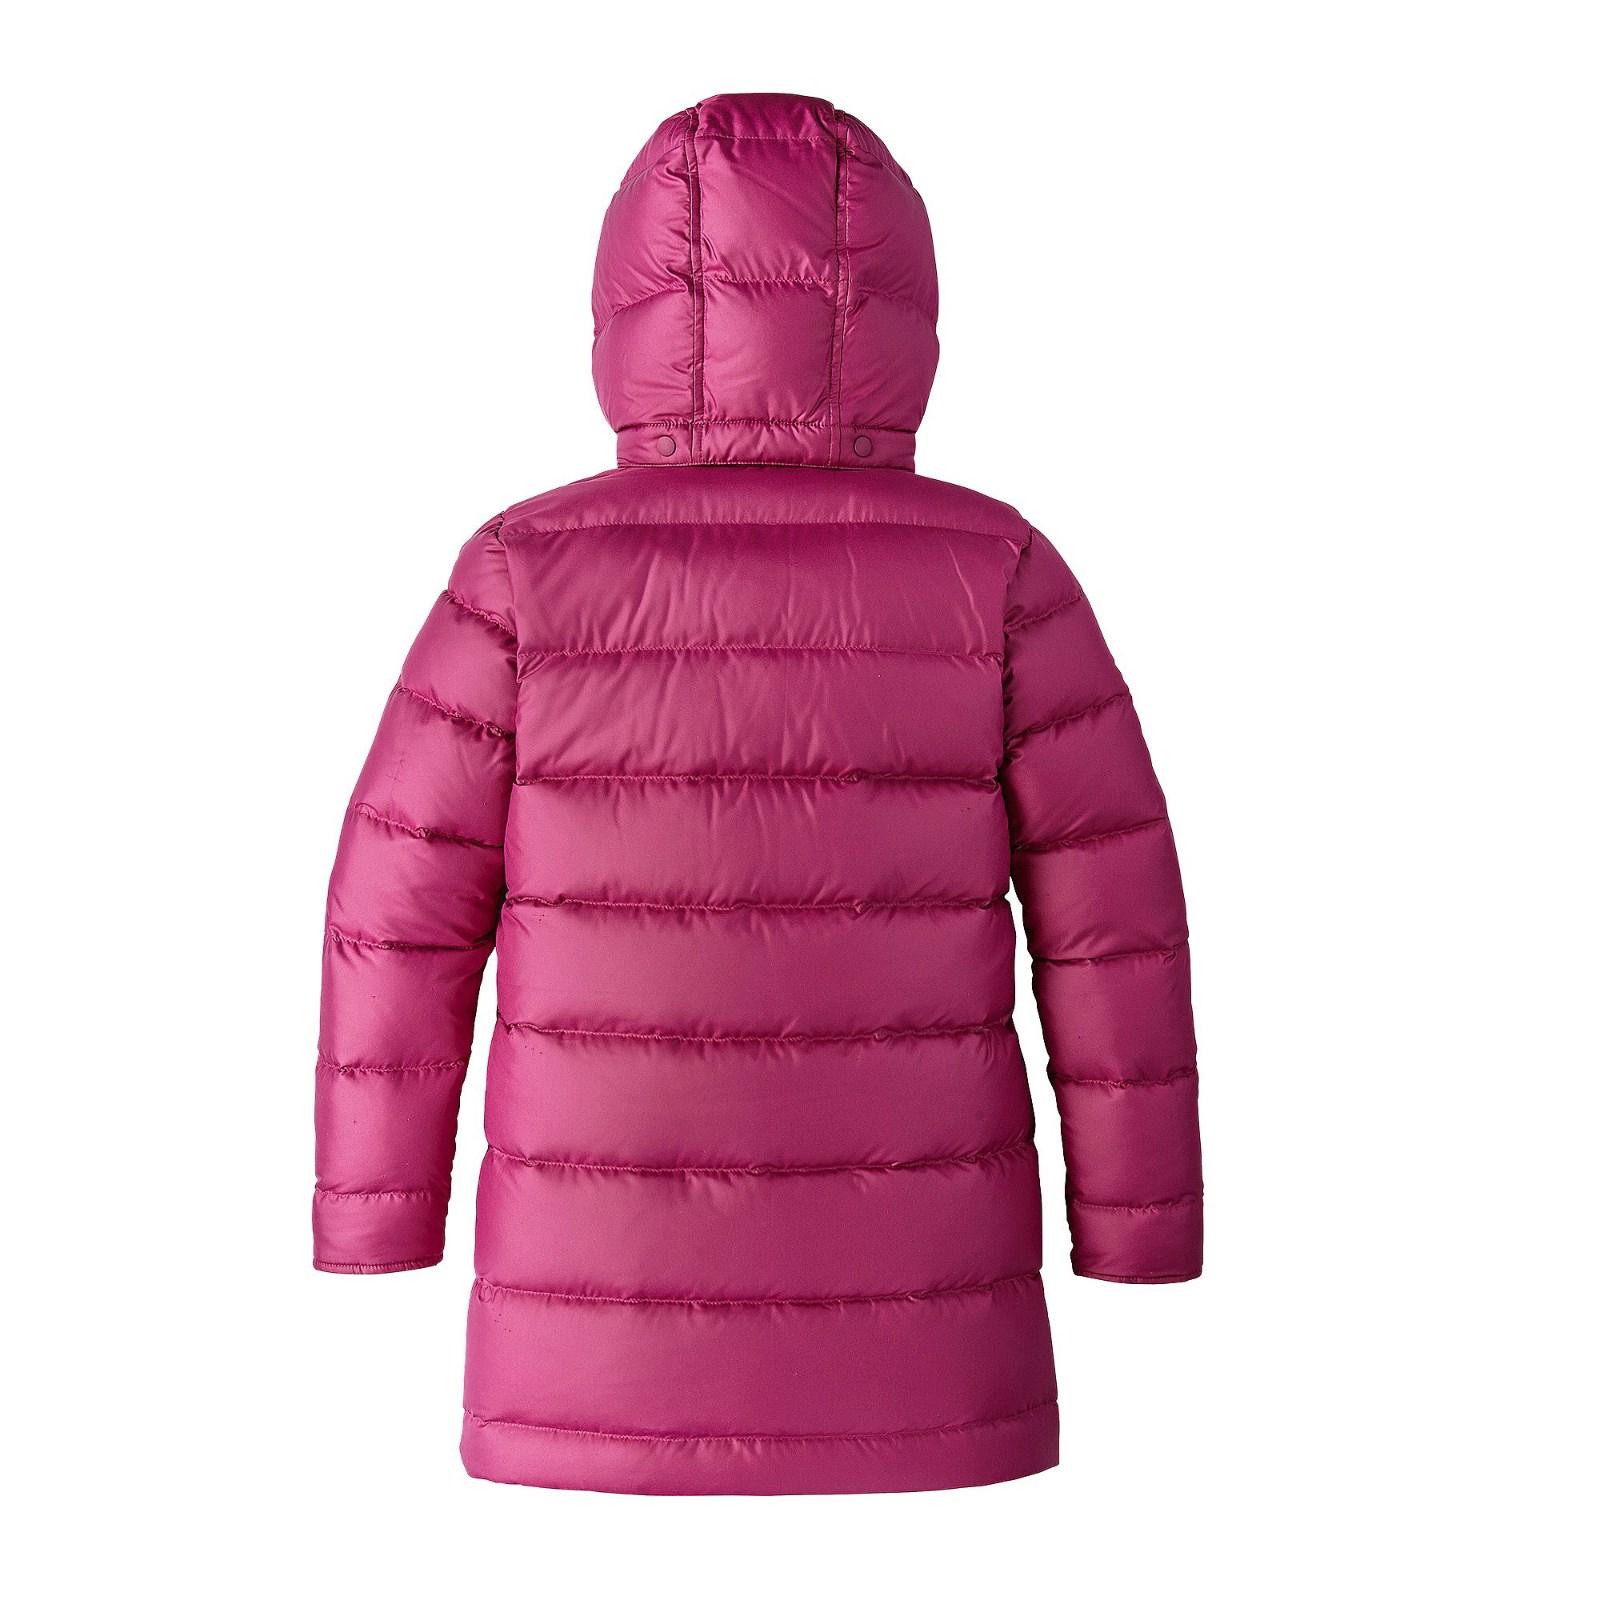 Girls' Down For Fun Coat Manufacturers, Girls' Down For Fun Coat Factory, Supply Girls' Down For Fun Coat